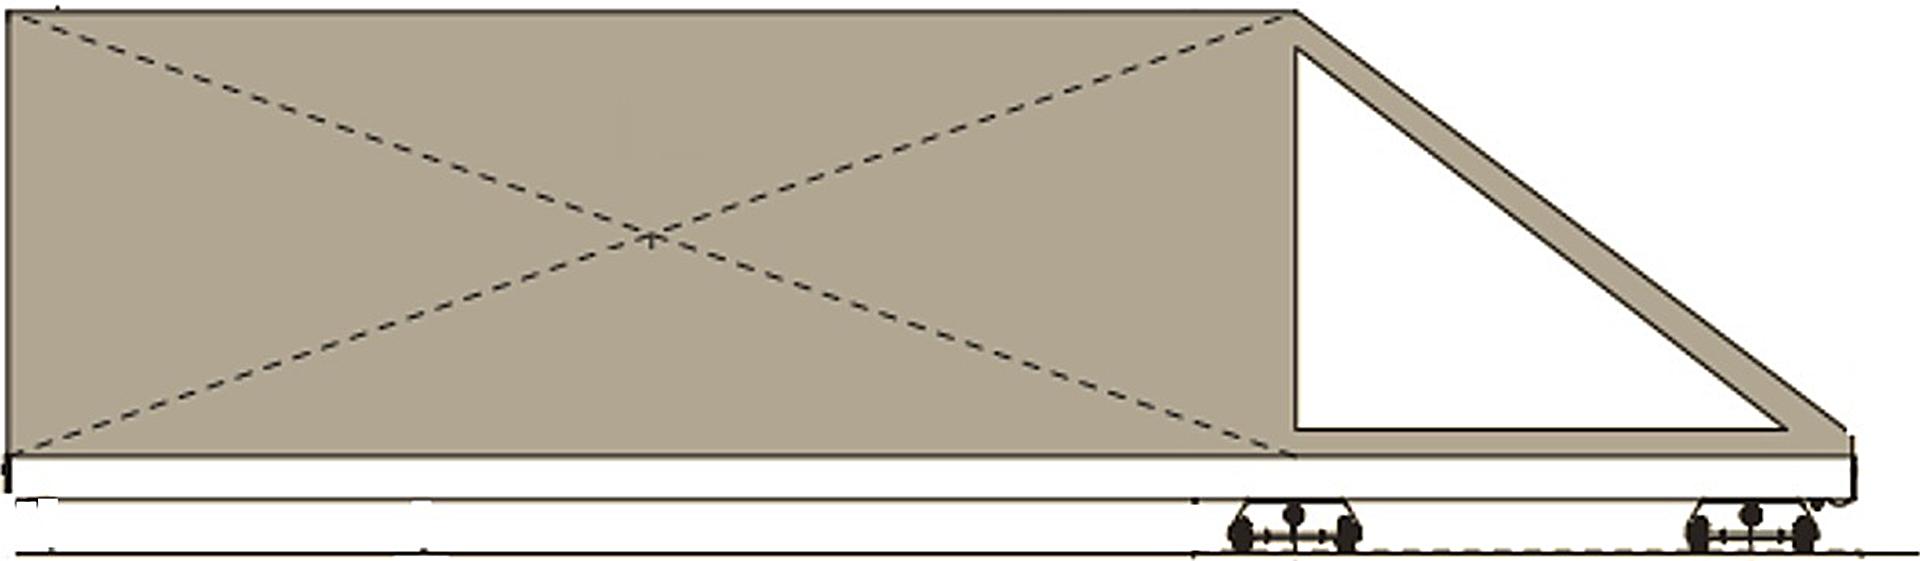 Γκαραζόπορτες συρόμενες χωρίς οδηγό στο έδαφος